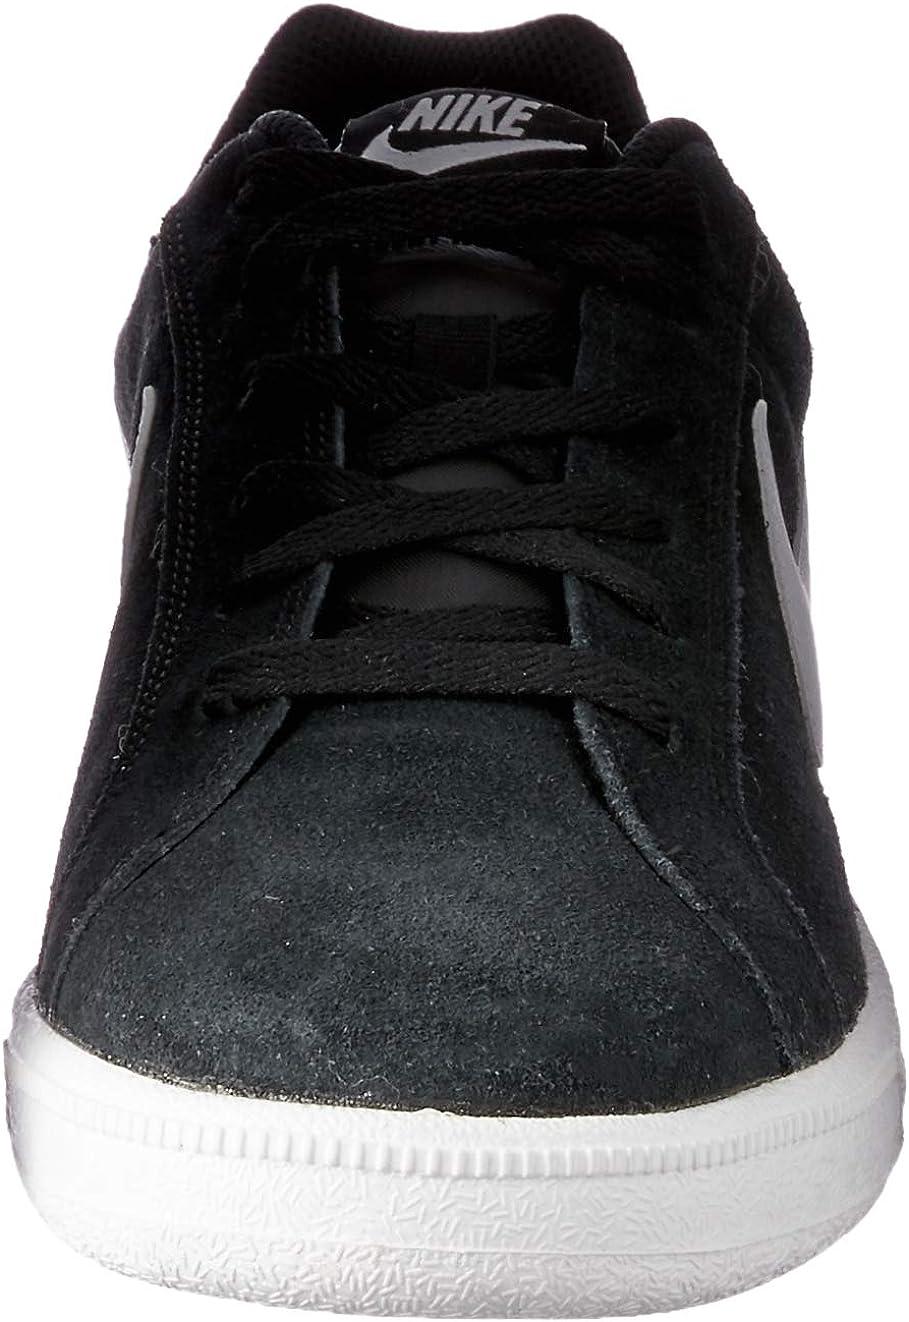 Nike Herren Court Royale Suede Sneaker, Schwarz, Einheitsgröße Schwarz Negro Blanco Aa